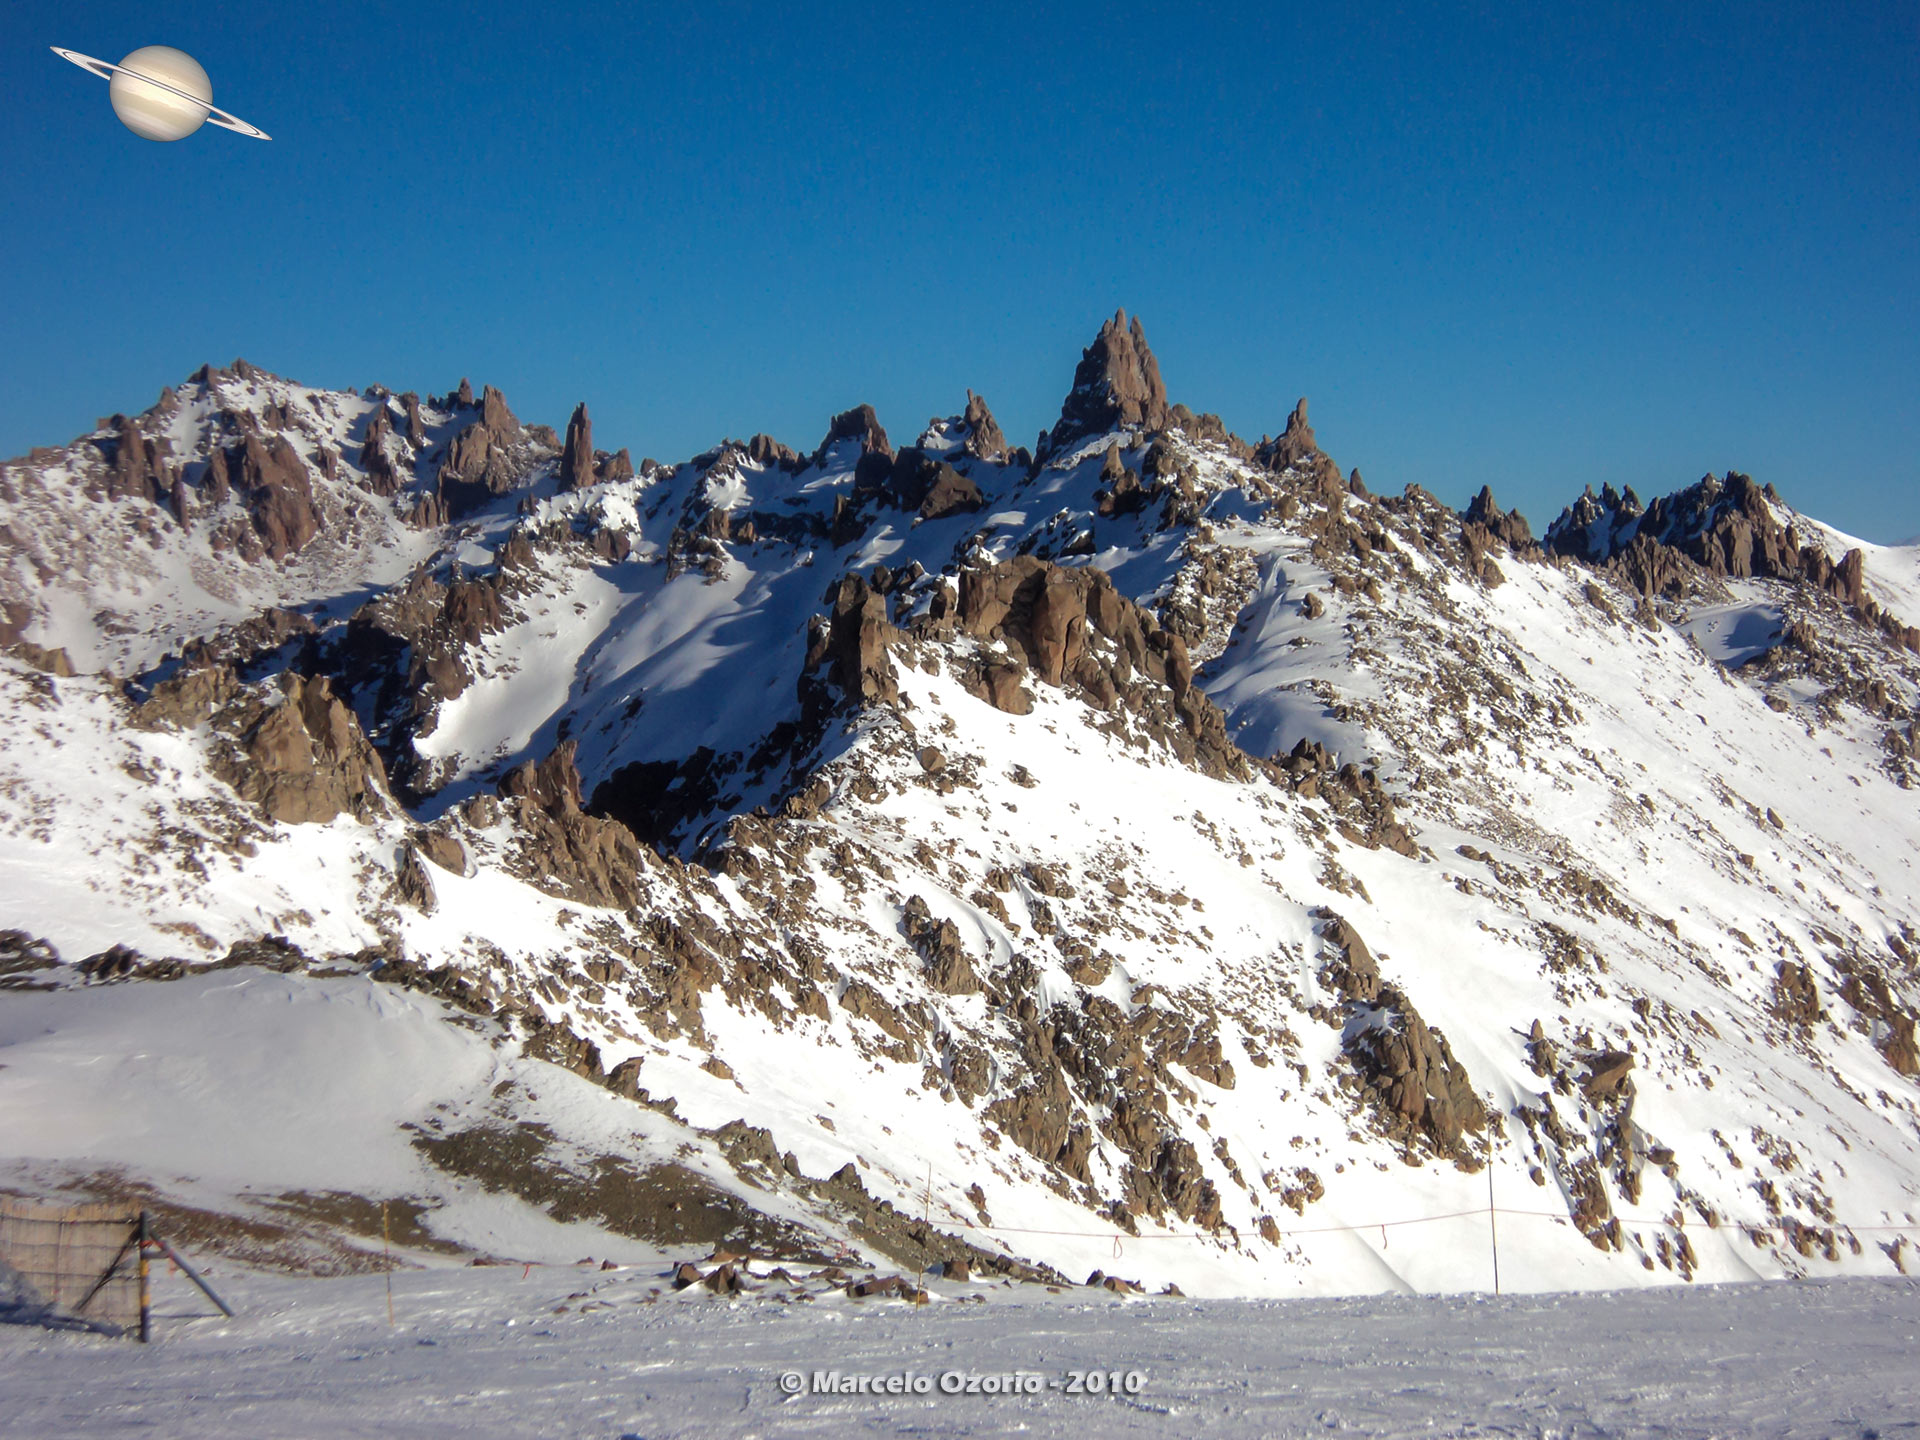 cerro catedral bariloche argentina 9 - Worldwide Known Cerro Catedral at San Carlos de Bariloche - Argentina